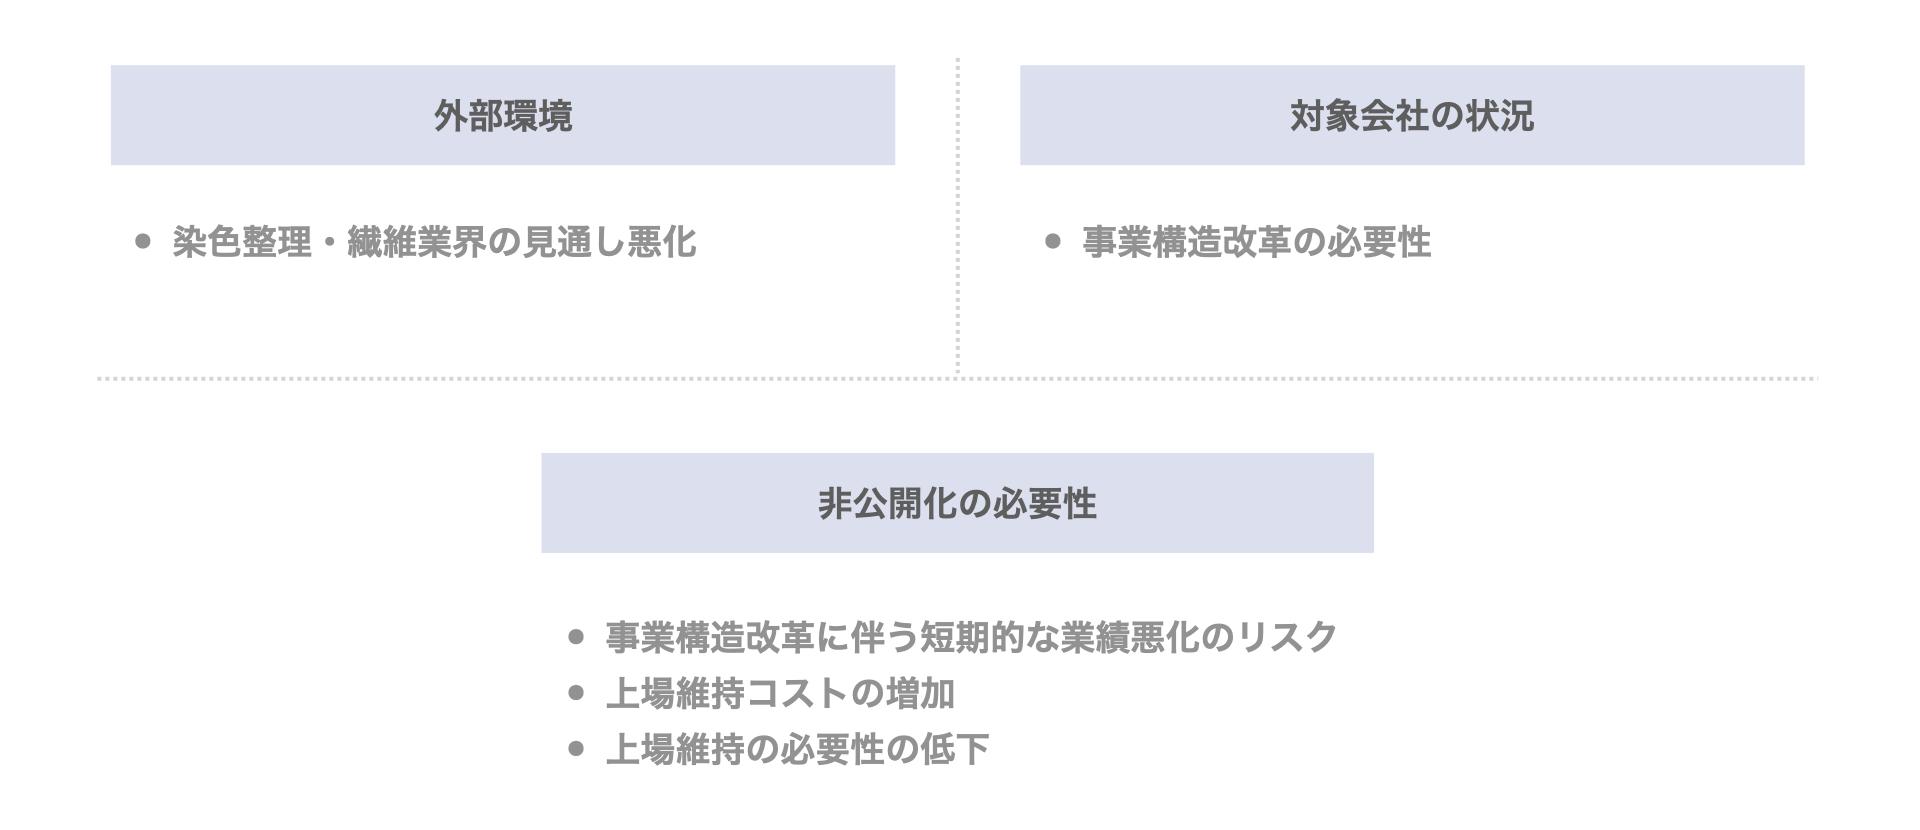 サカイオーベックスのデットMBO(みずほ・福井銀行)の背景・目的